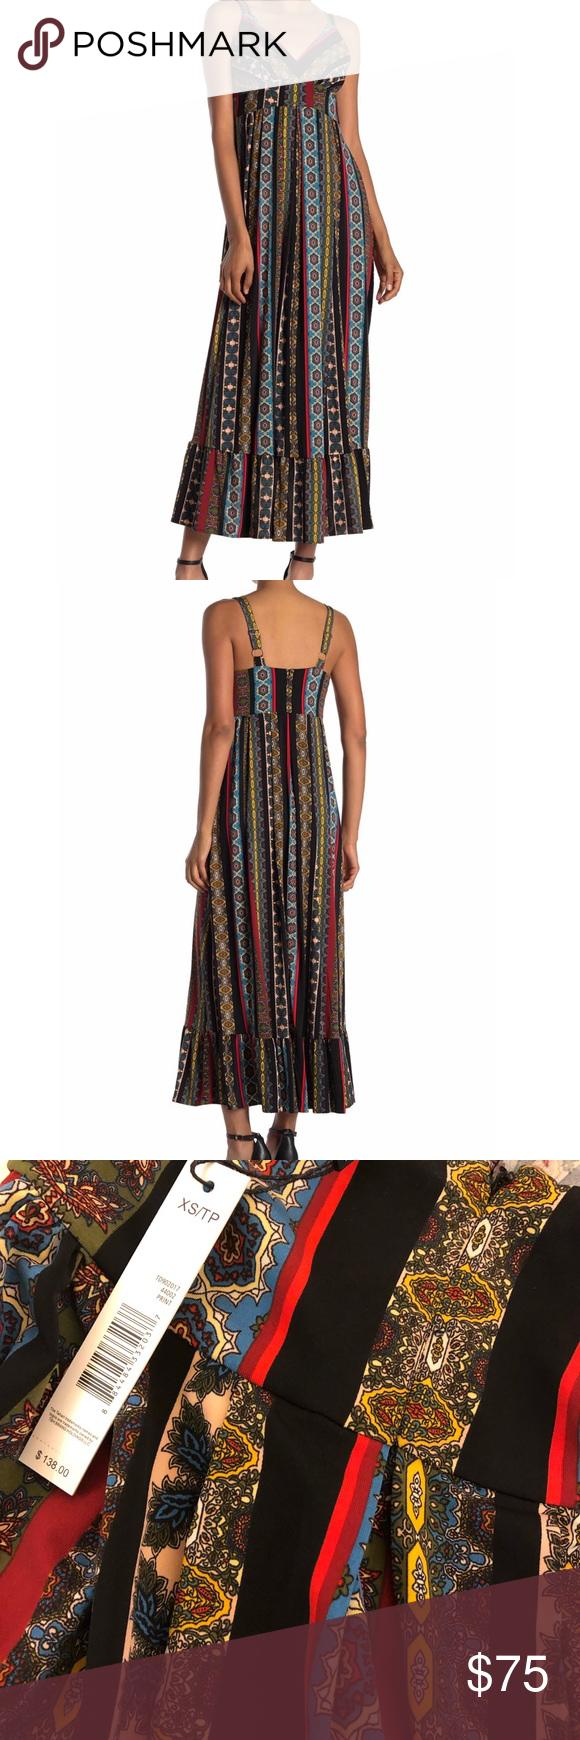 T Tahari Nwt Maxi Dress Clothes Design Maxi Dress Colorful Dresses [ 1740 x 580 Pixel ]